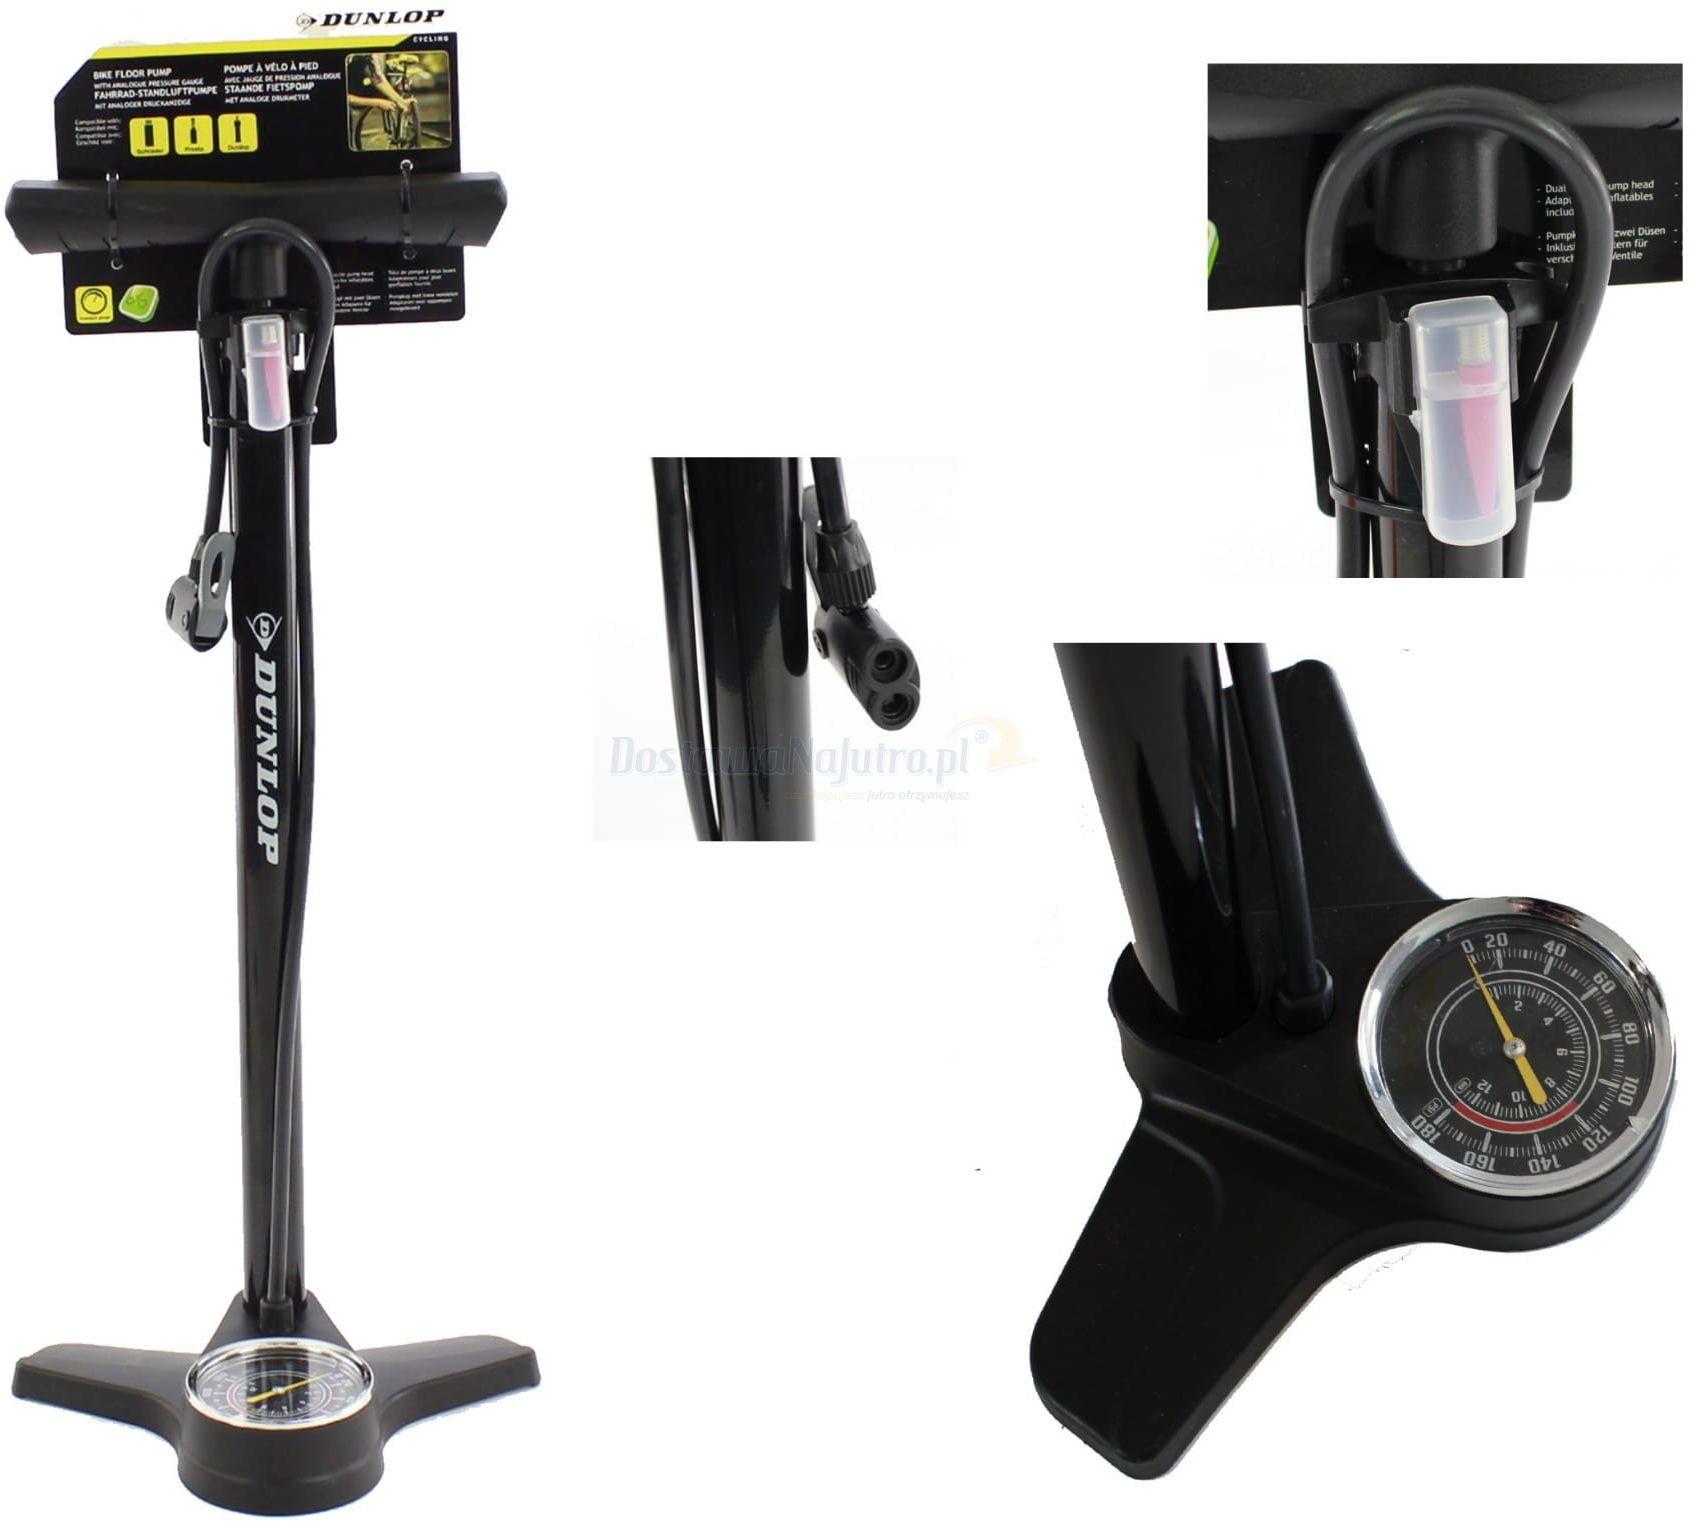 DUNLOP pompka rowerowa podłogowa z manometrem i adapterami